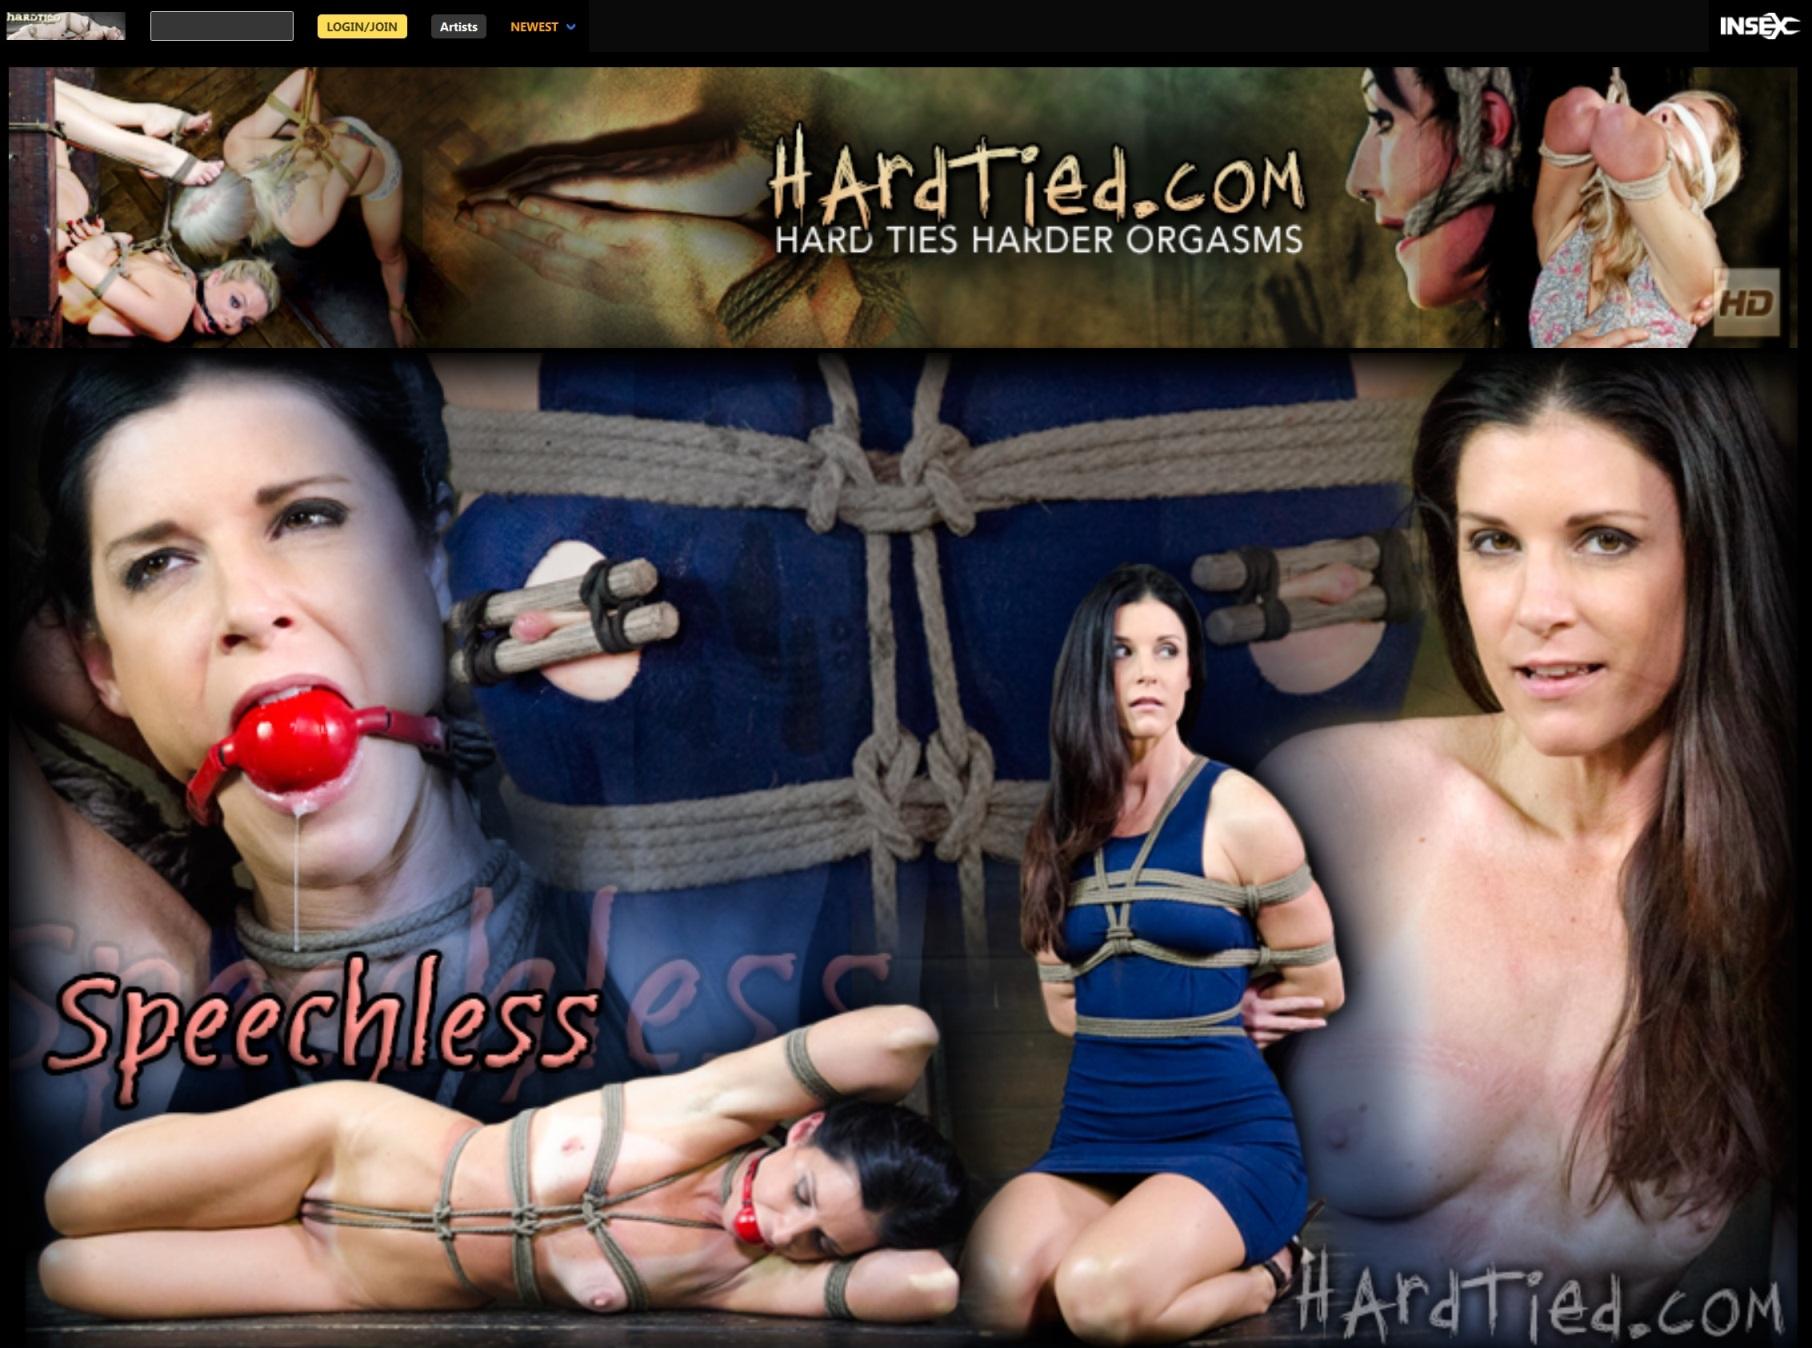 099 Hardtied M - Hardtied.com - Full SiteRip!